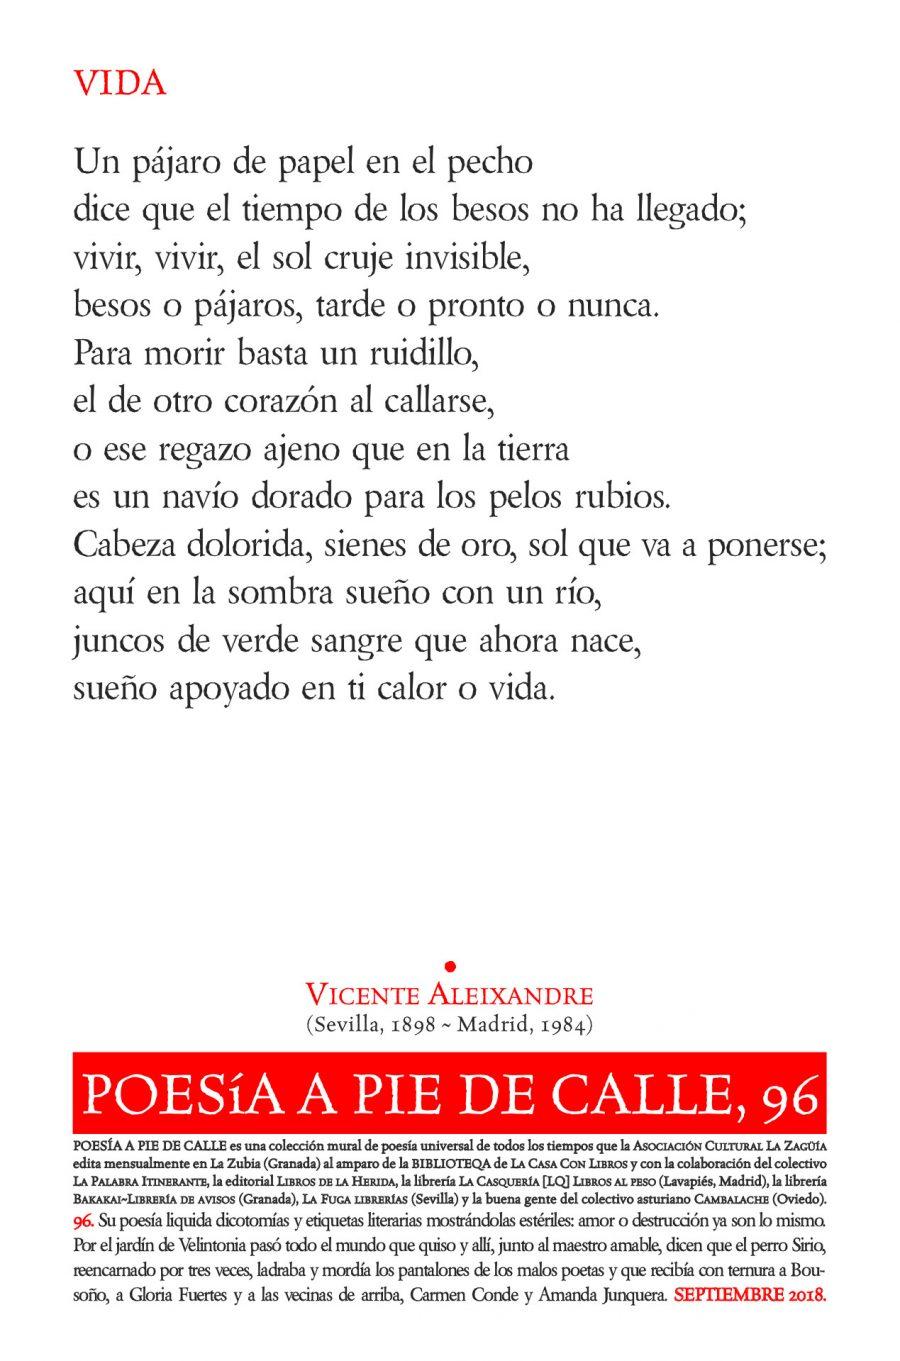 POESÍA A PIE DE CALLE, 96: VIDA, DE VICENTE ALEIXANDRE